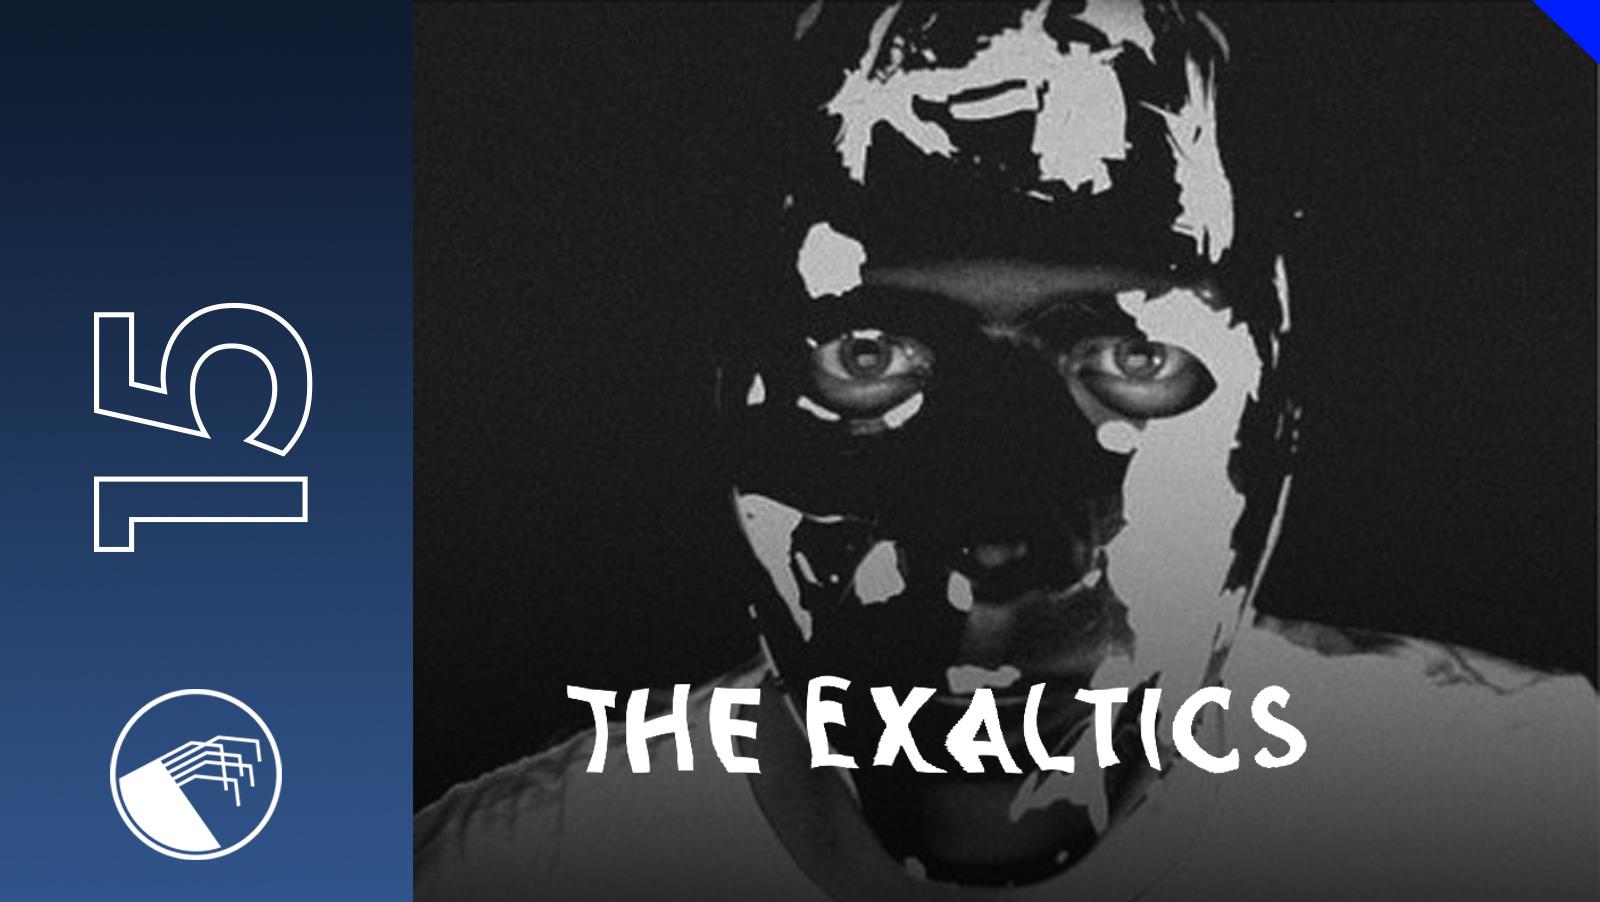 015 The Exaltics